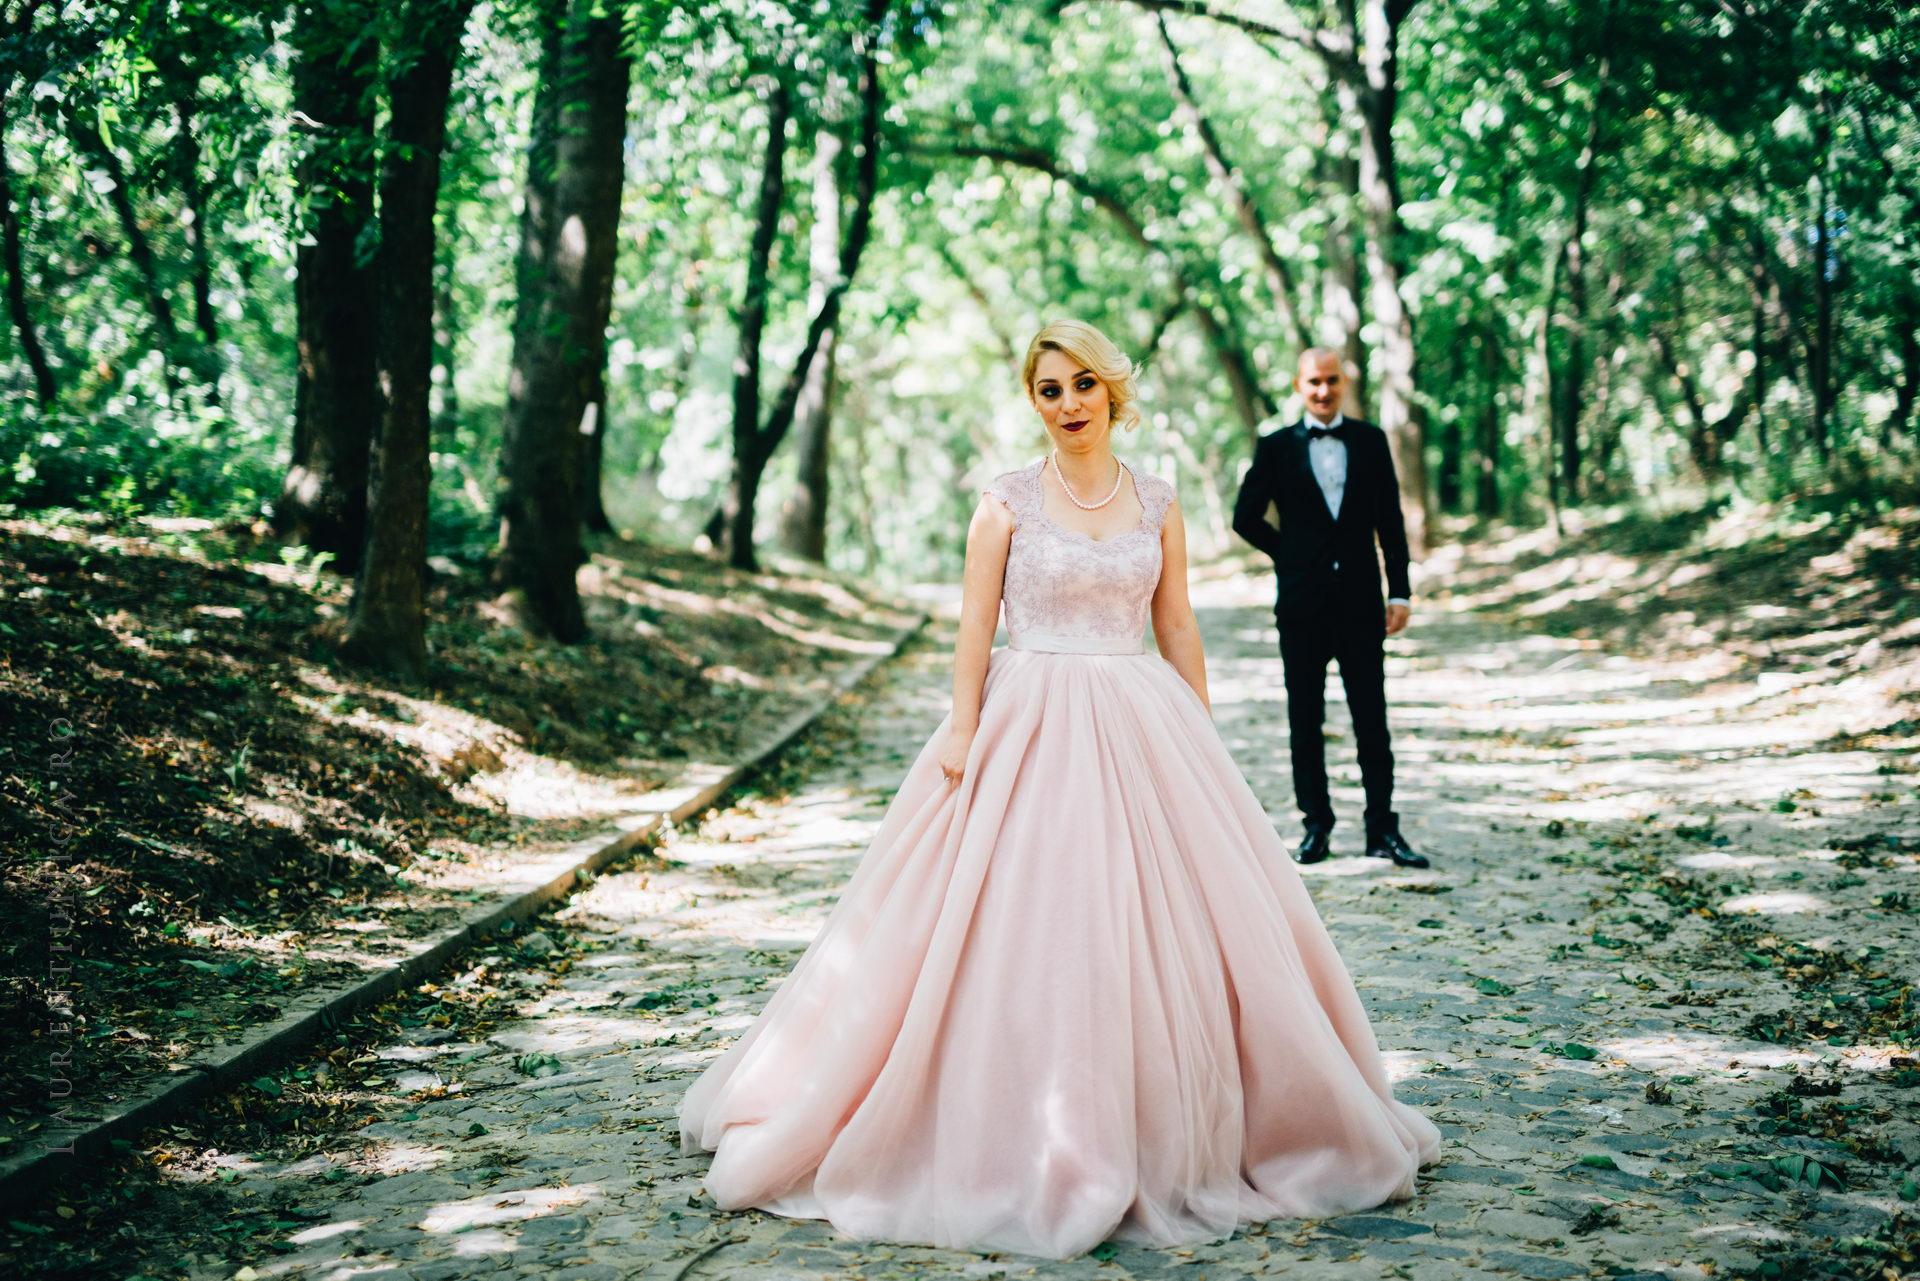 lavinia si adi fotograf laurentiu nica craiova 021 - Lavinia & Adi | Fotografii nunta